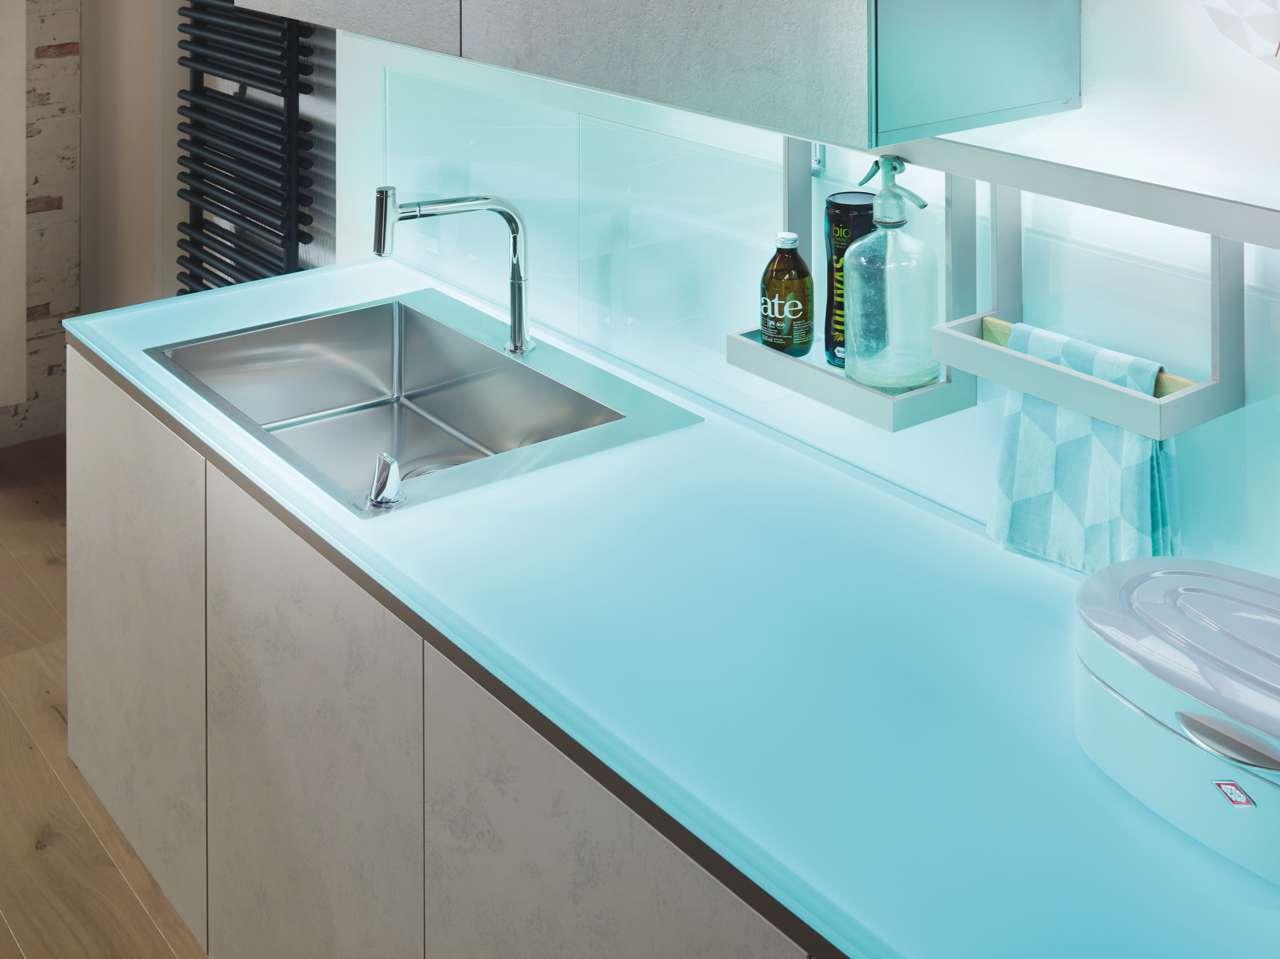 Farbwelten und Licht nach Wunsch | Küchen Journal